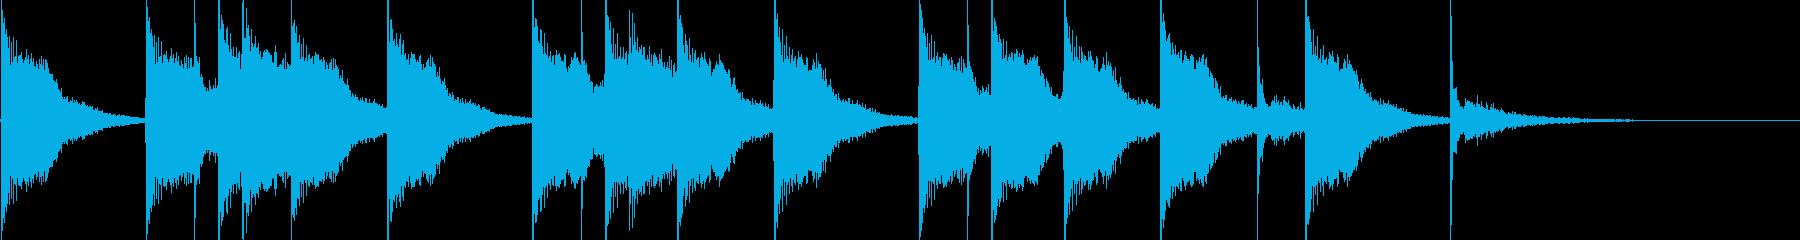 ドラム 戸惑う感じの再生済みの波形